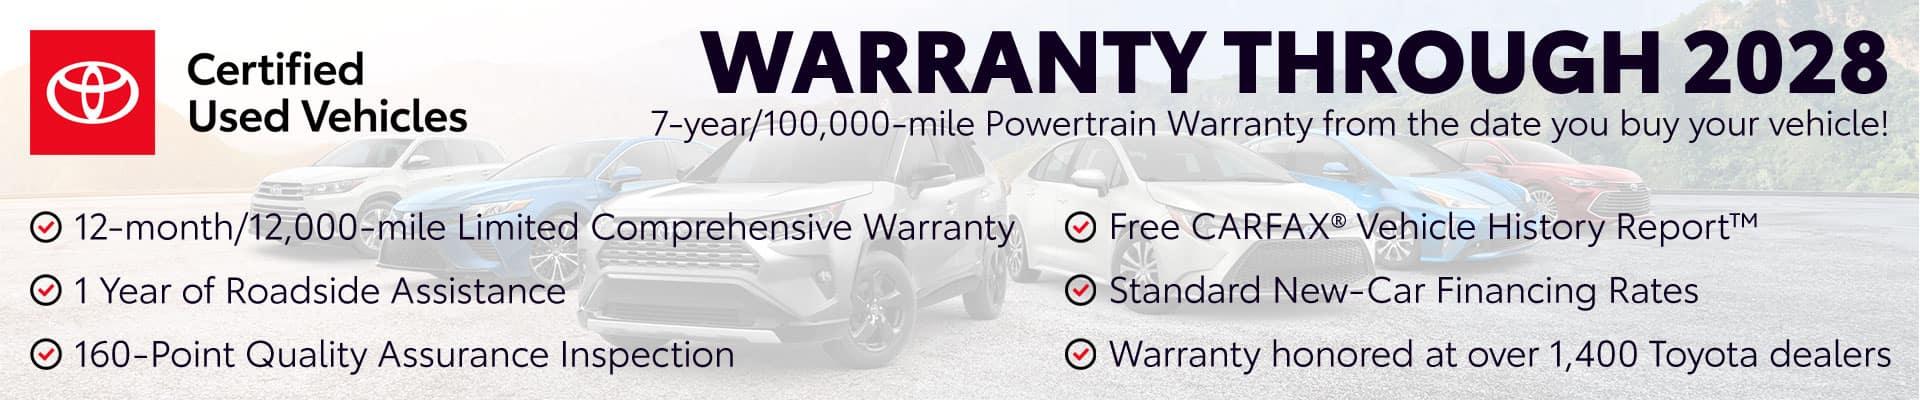 CPO Warranty through 2028